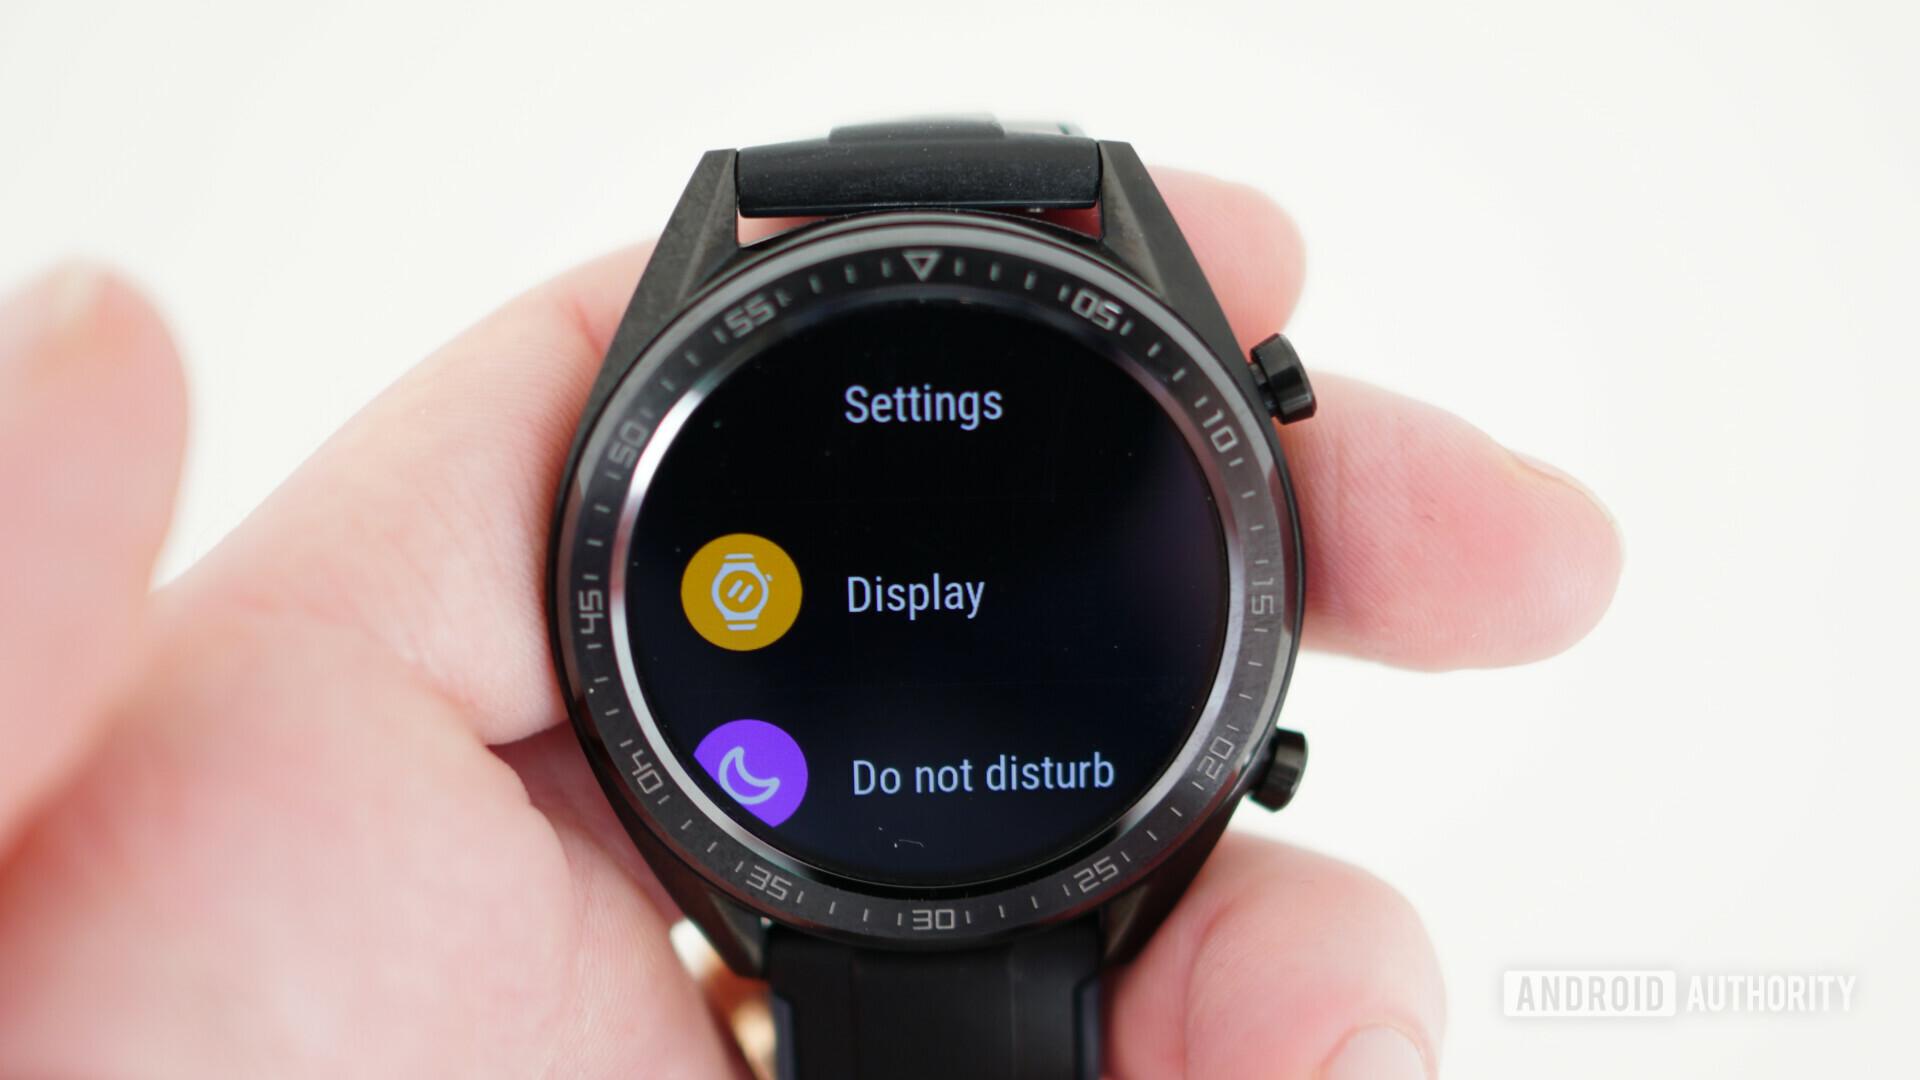 Huawei Watch GT settings